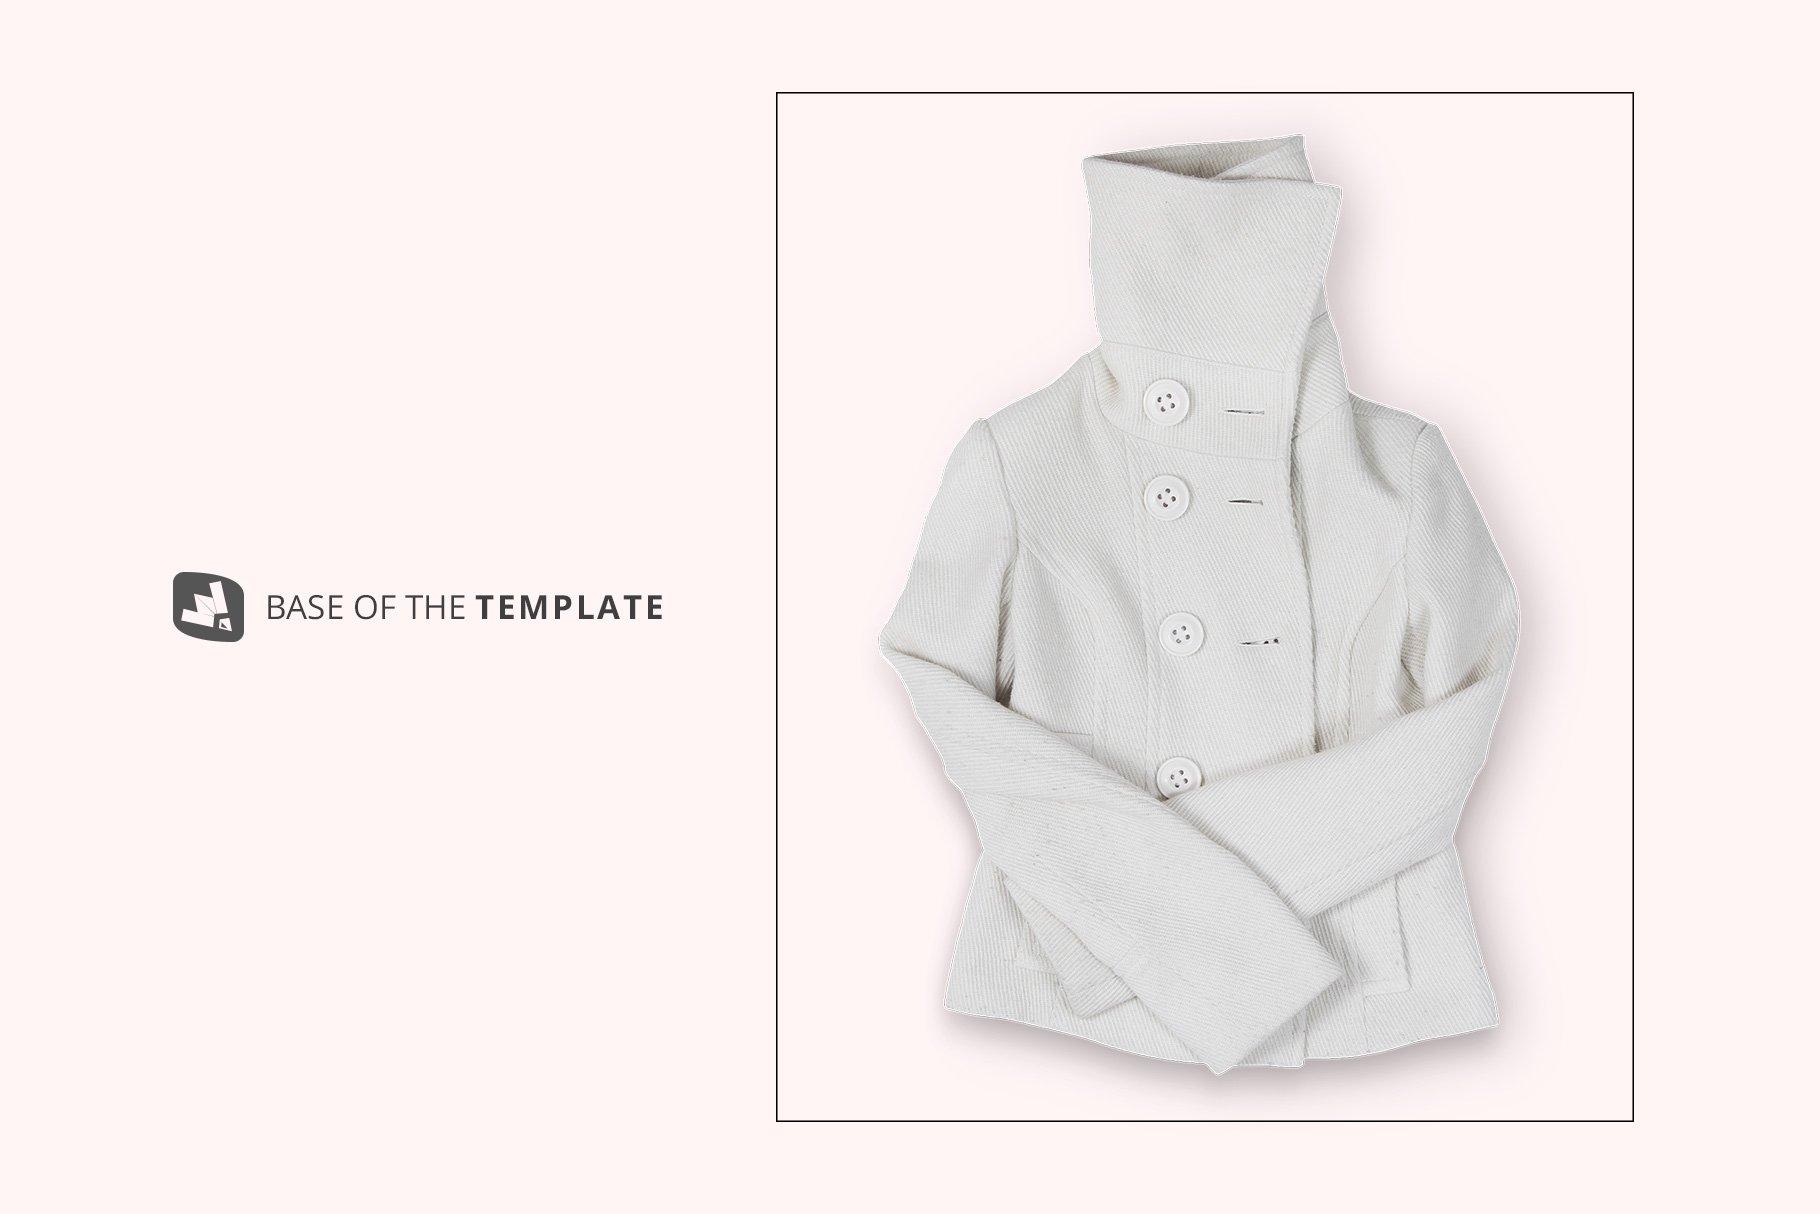 新潮女式冬季高领夹克印花图案设计PS贴图样机模板 Womens High Collar Jacket Mockup插图9